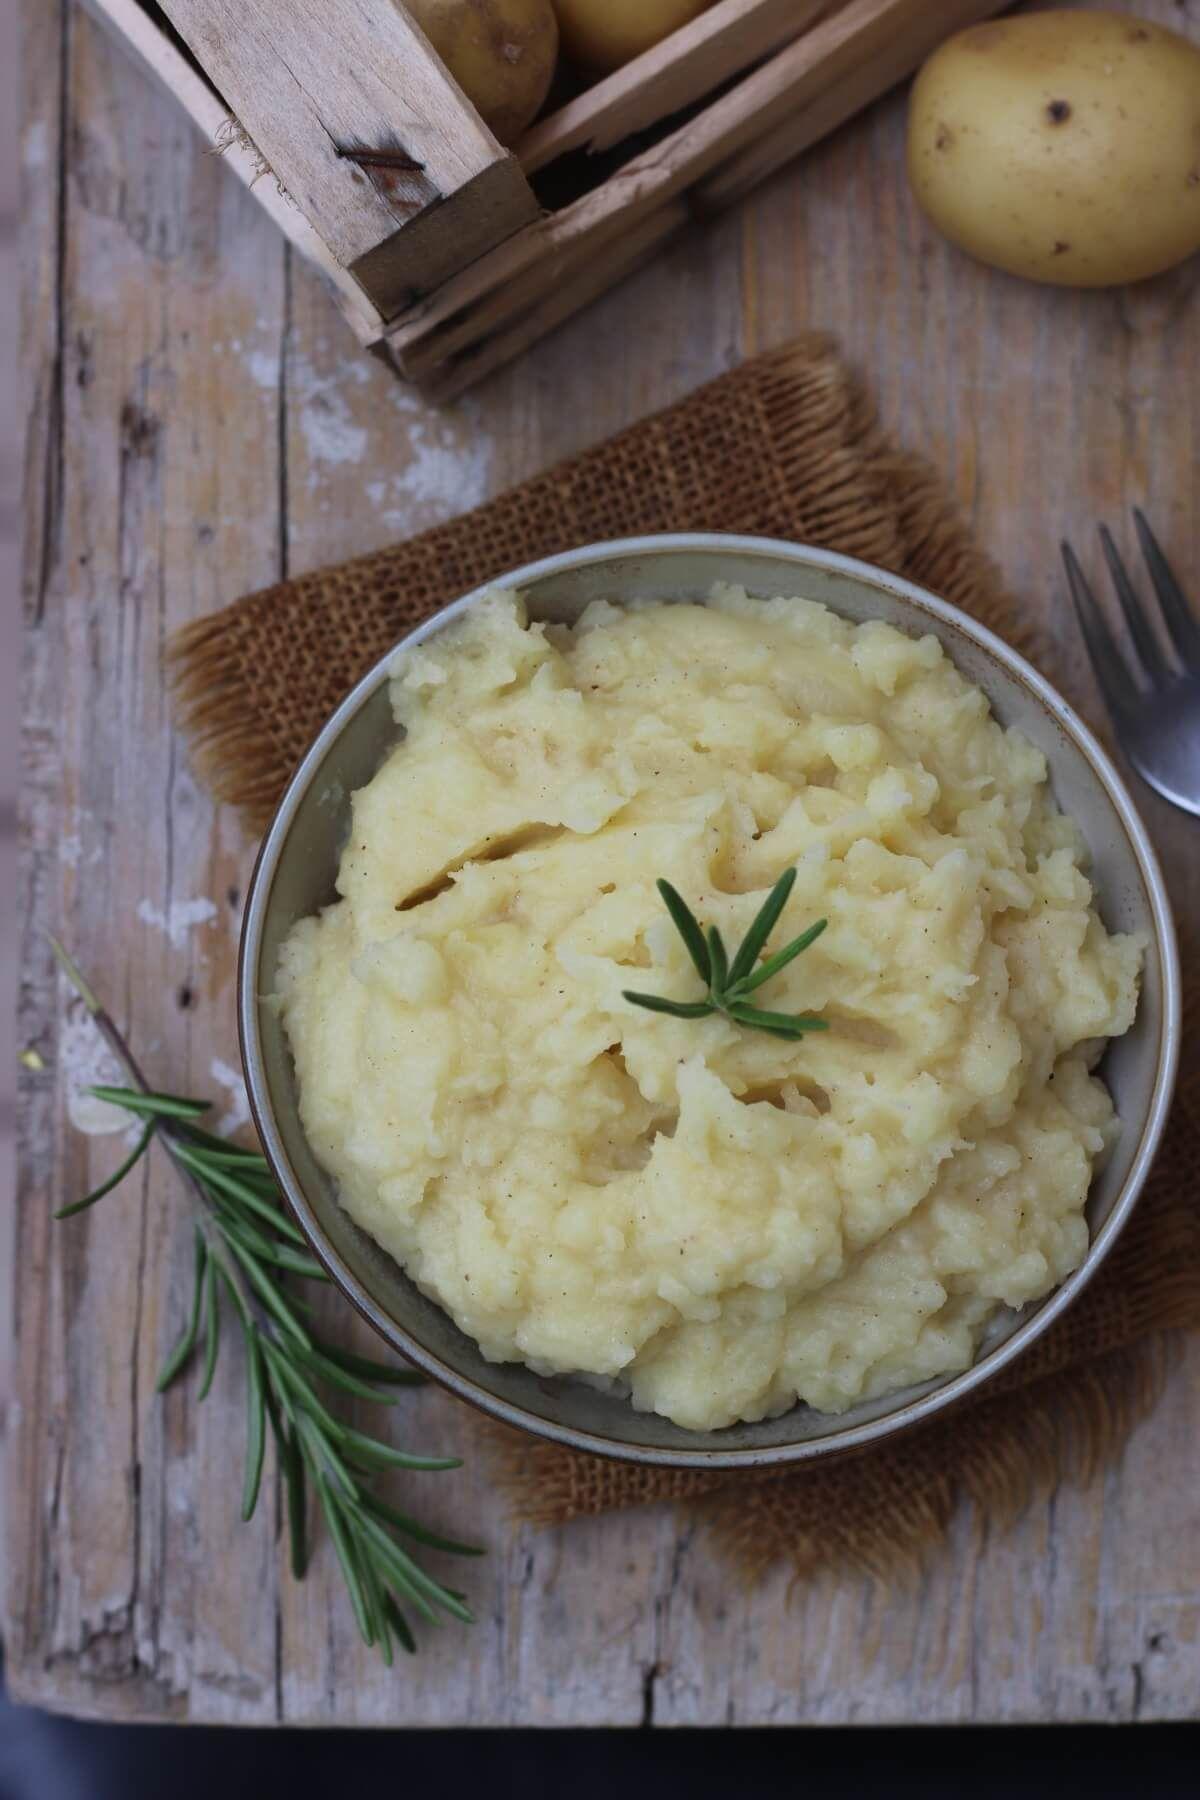 06a43127b97aa03c6bad714259d1051f - Ricette Pure Di Patate